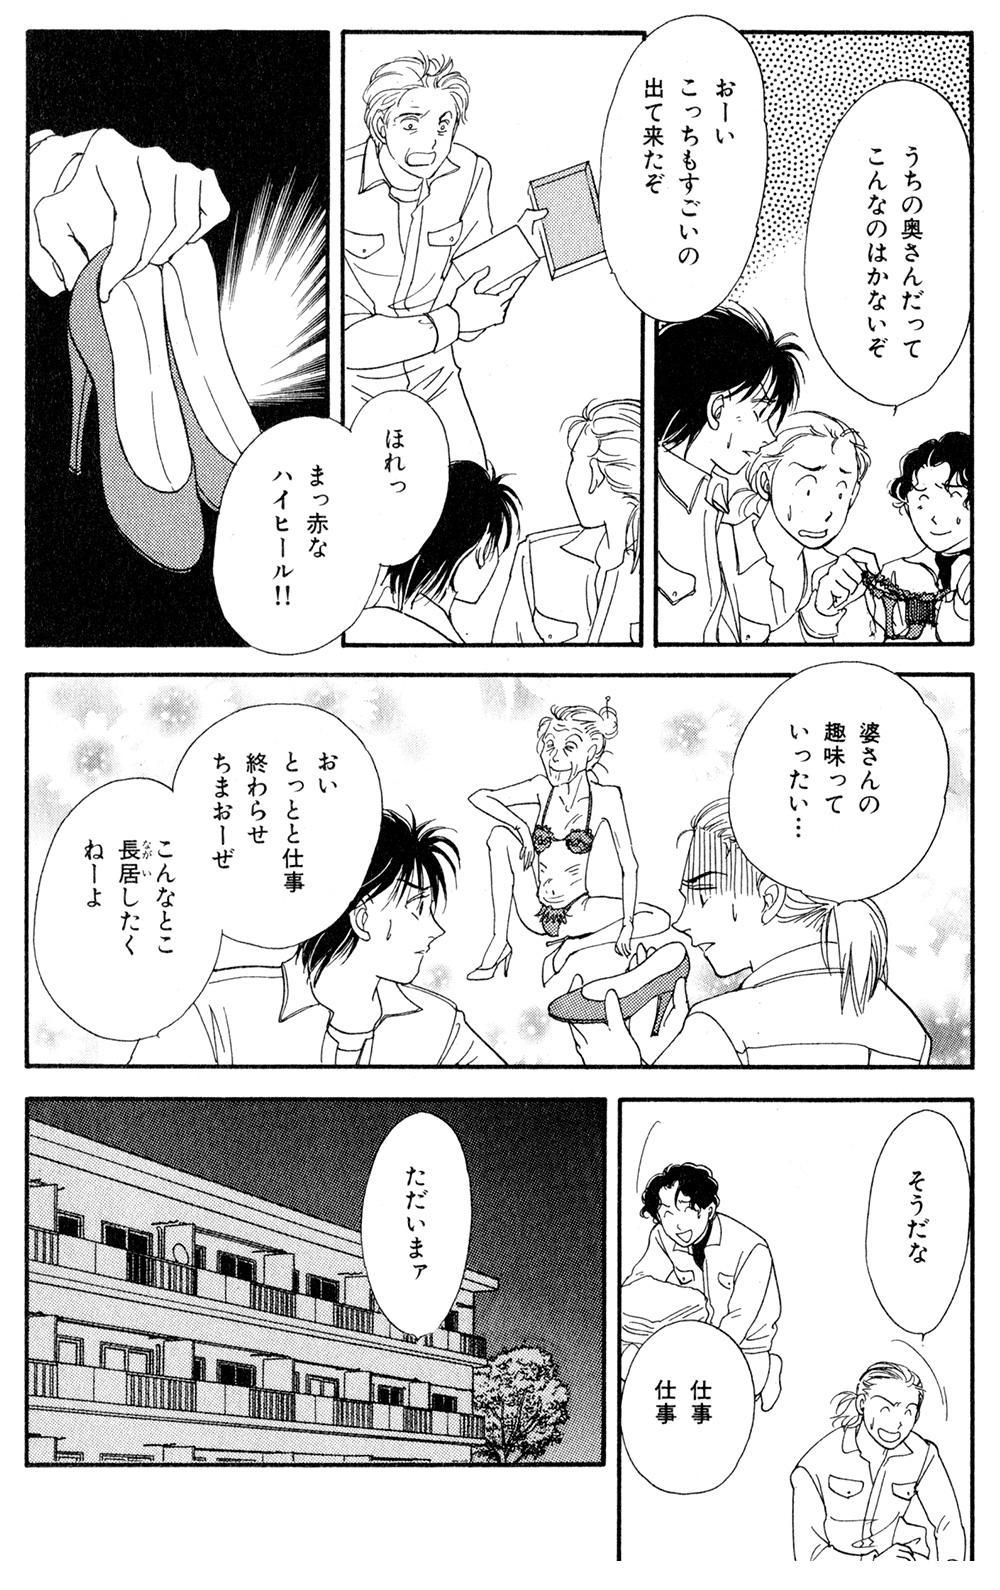 魔百合の恐怖報告 「災いを呼ぶ老婆」①rouba01-12.jpg